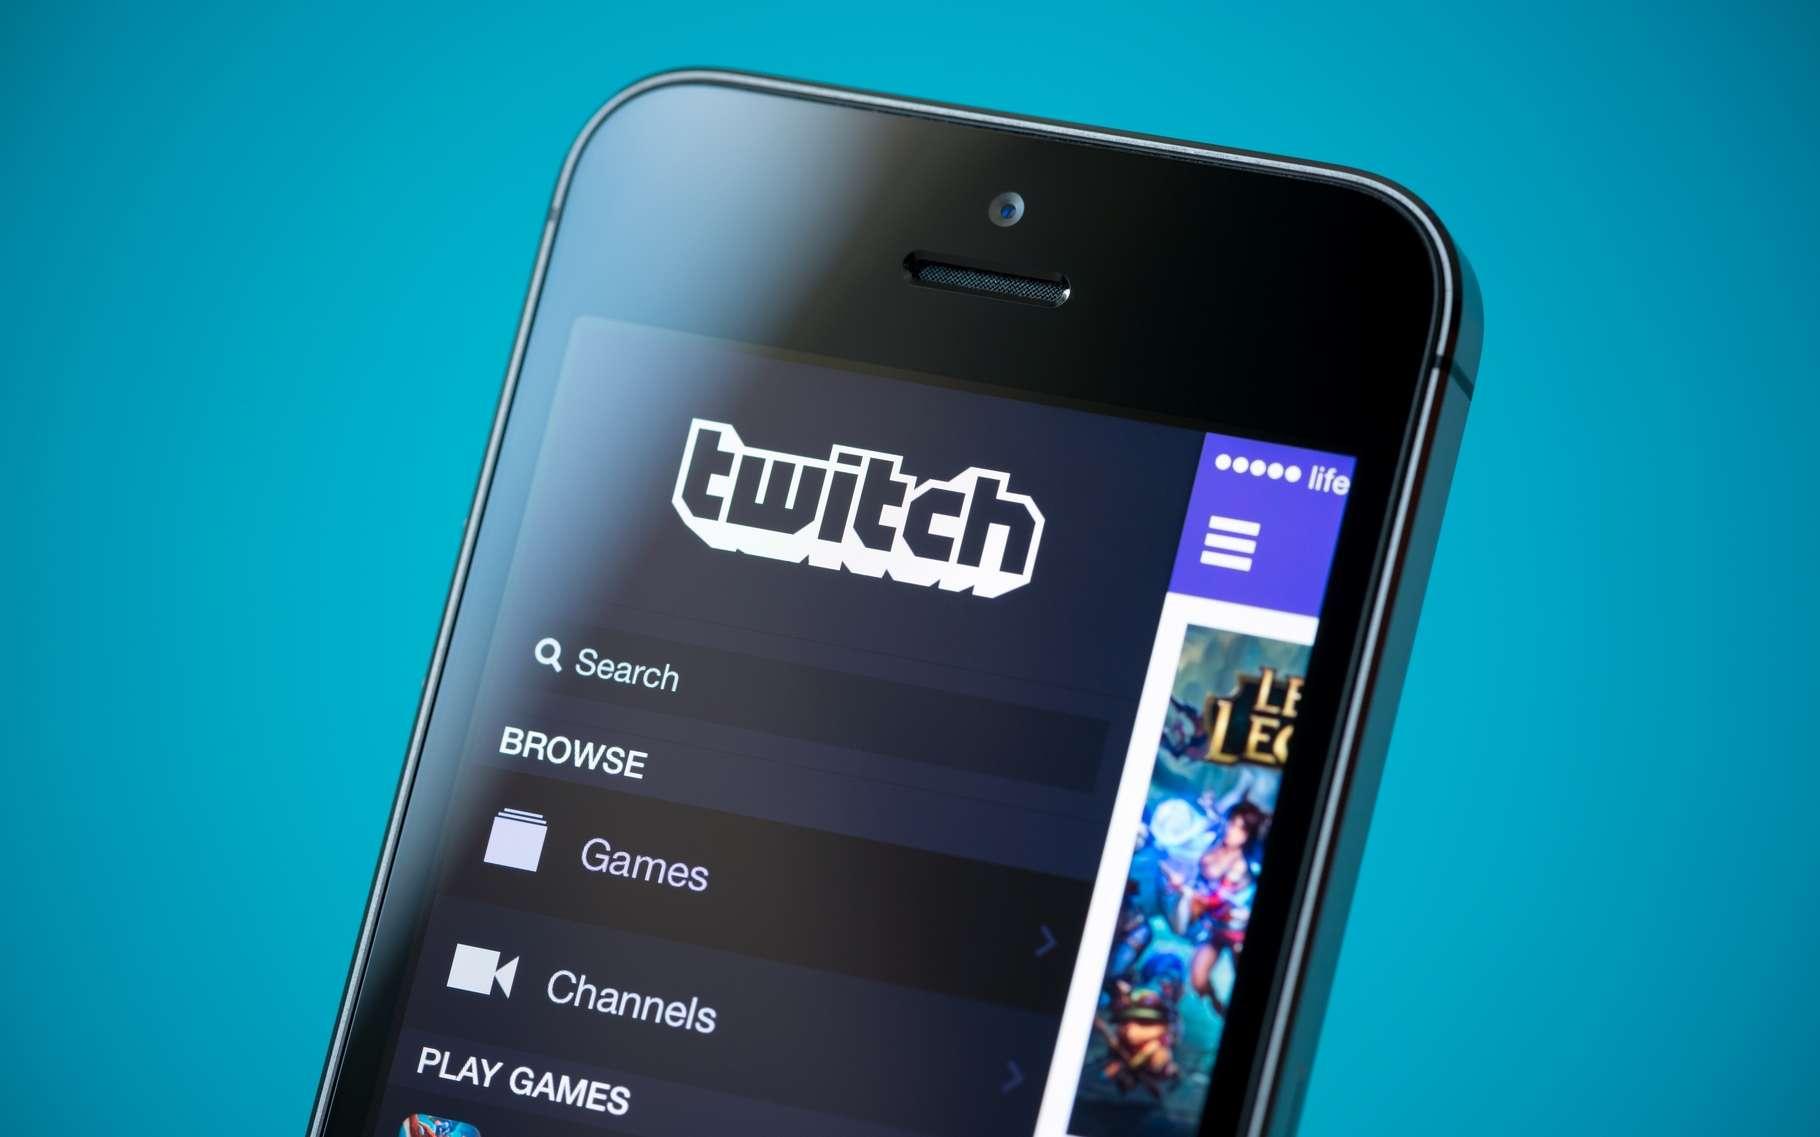 Lancé en 2011, Twitch est une TV en ligne entièrement dédiée à la diffusion de parties de jeux vidéo. Le service a été acheté par Amazon en 2014 pour plus de 730 millions d'euros. © Bloomua, Shutterstock